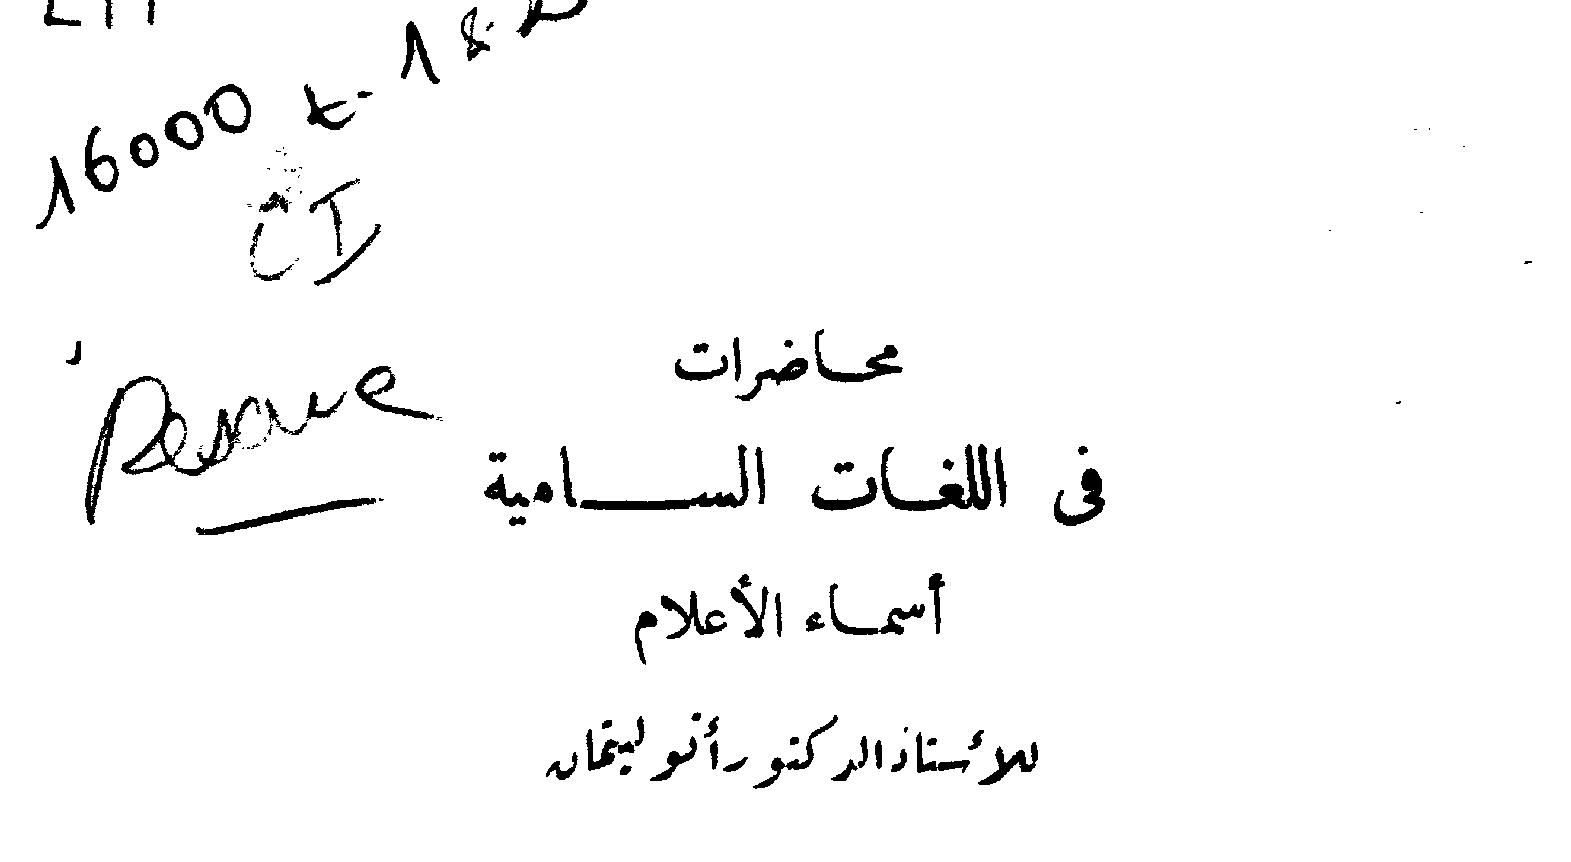 كتاب الاداب فؤاد الشلهوب